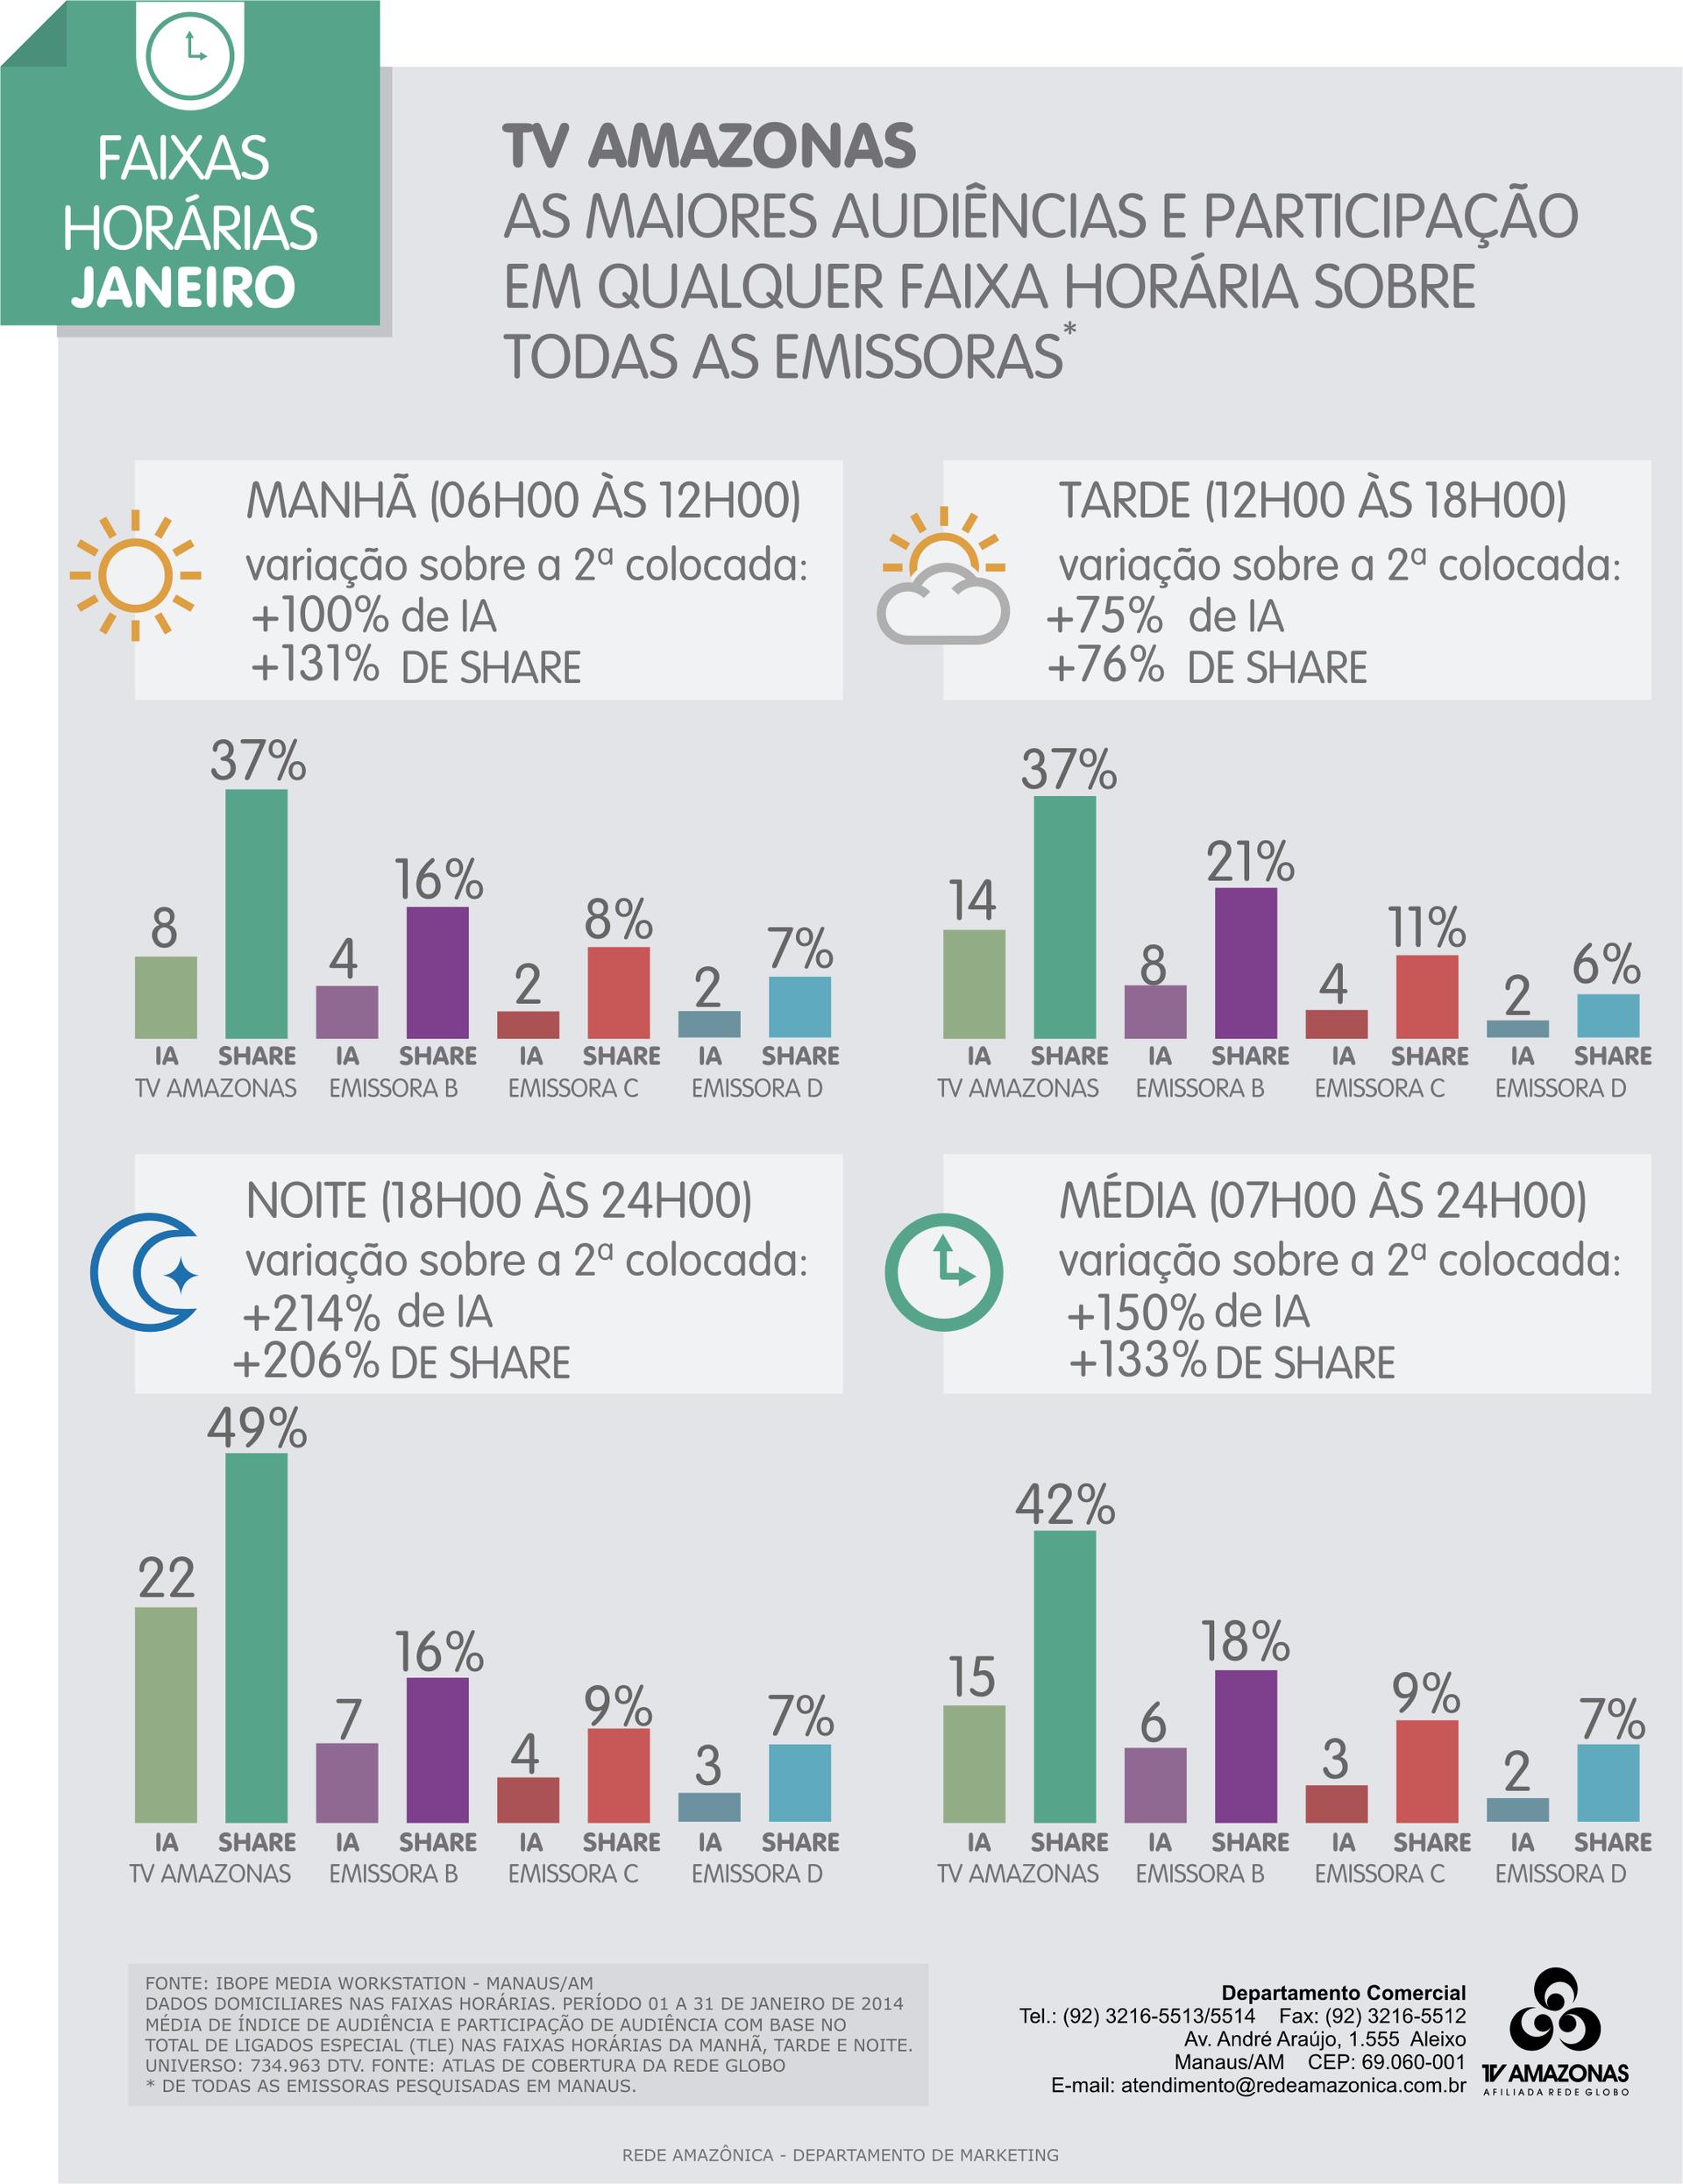 TV Amazonas: audiências por faixas horárias no mês de janeiro/2014 (Foto: TV Amazonas)